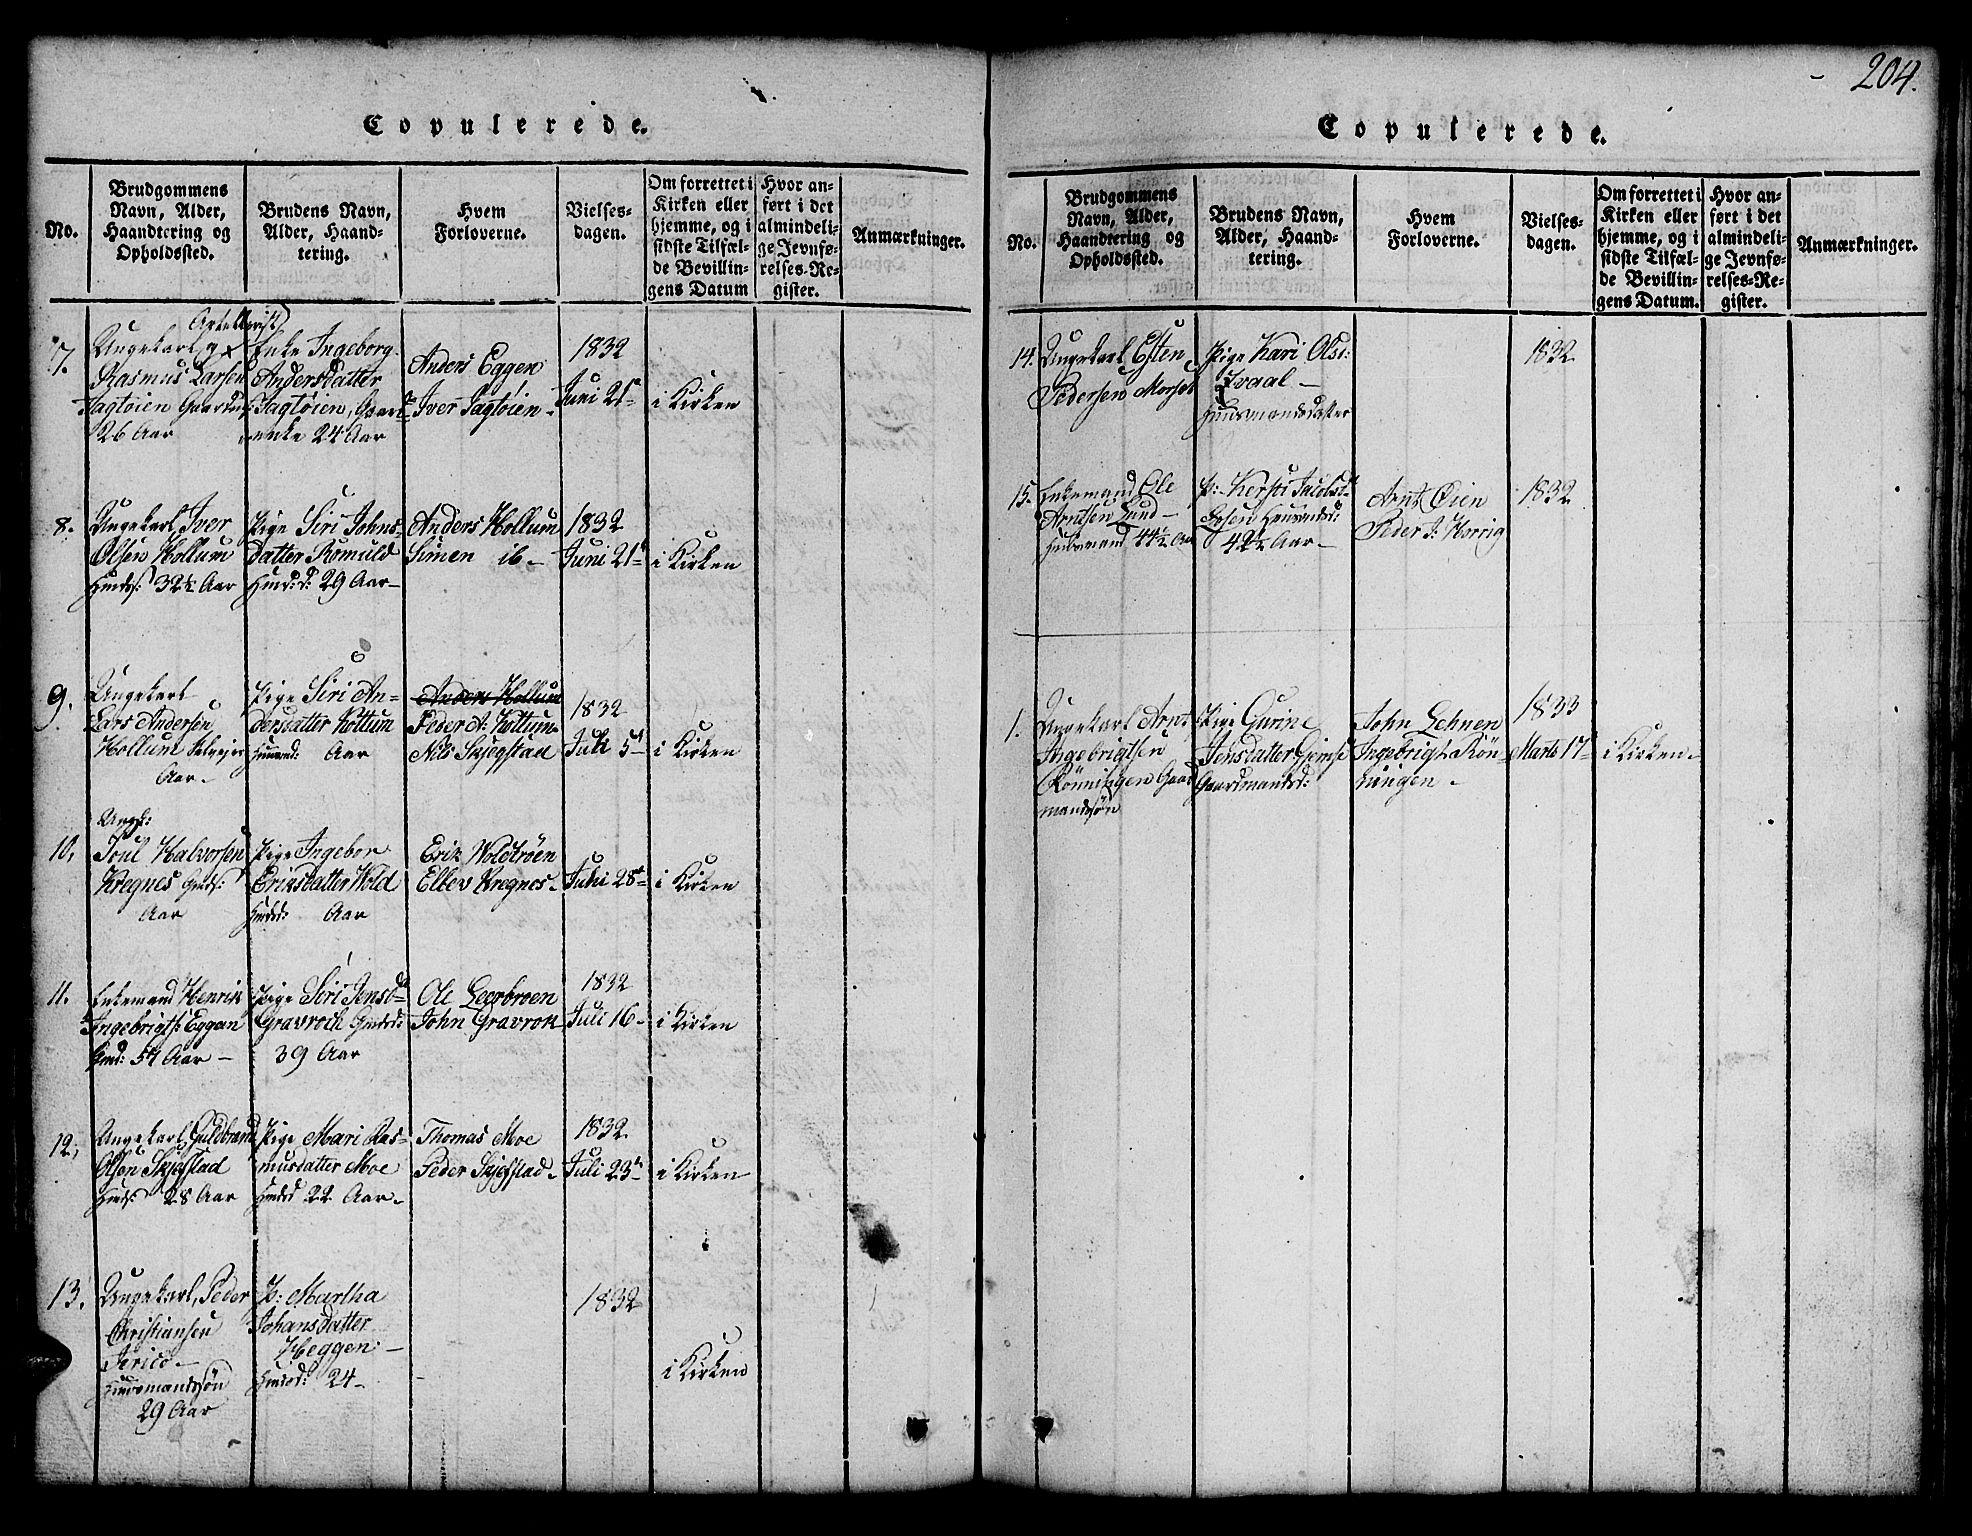 SAT, Ministerialprotokoller, klokkerbøker og fødselsregistre - Sør-Trøndelag, 691/L1092: Klokkerbok nr. 691C03, 1816-1852, s. 204